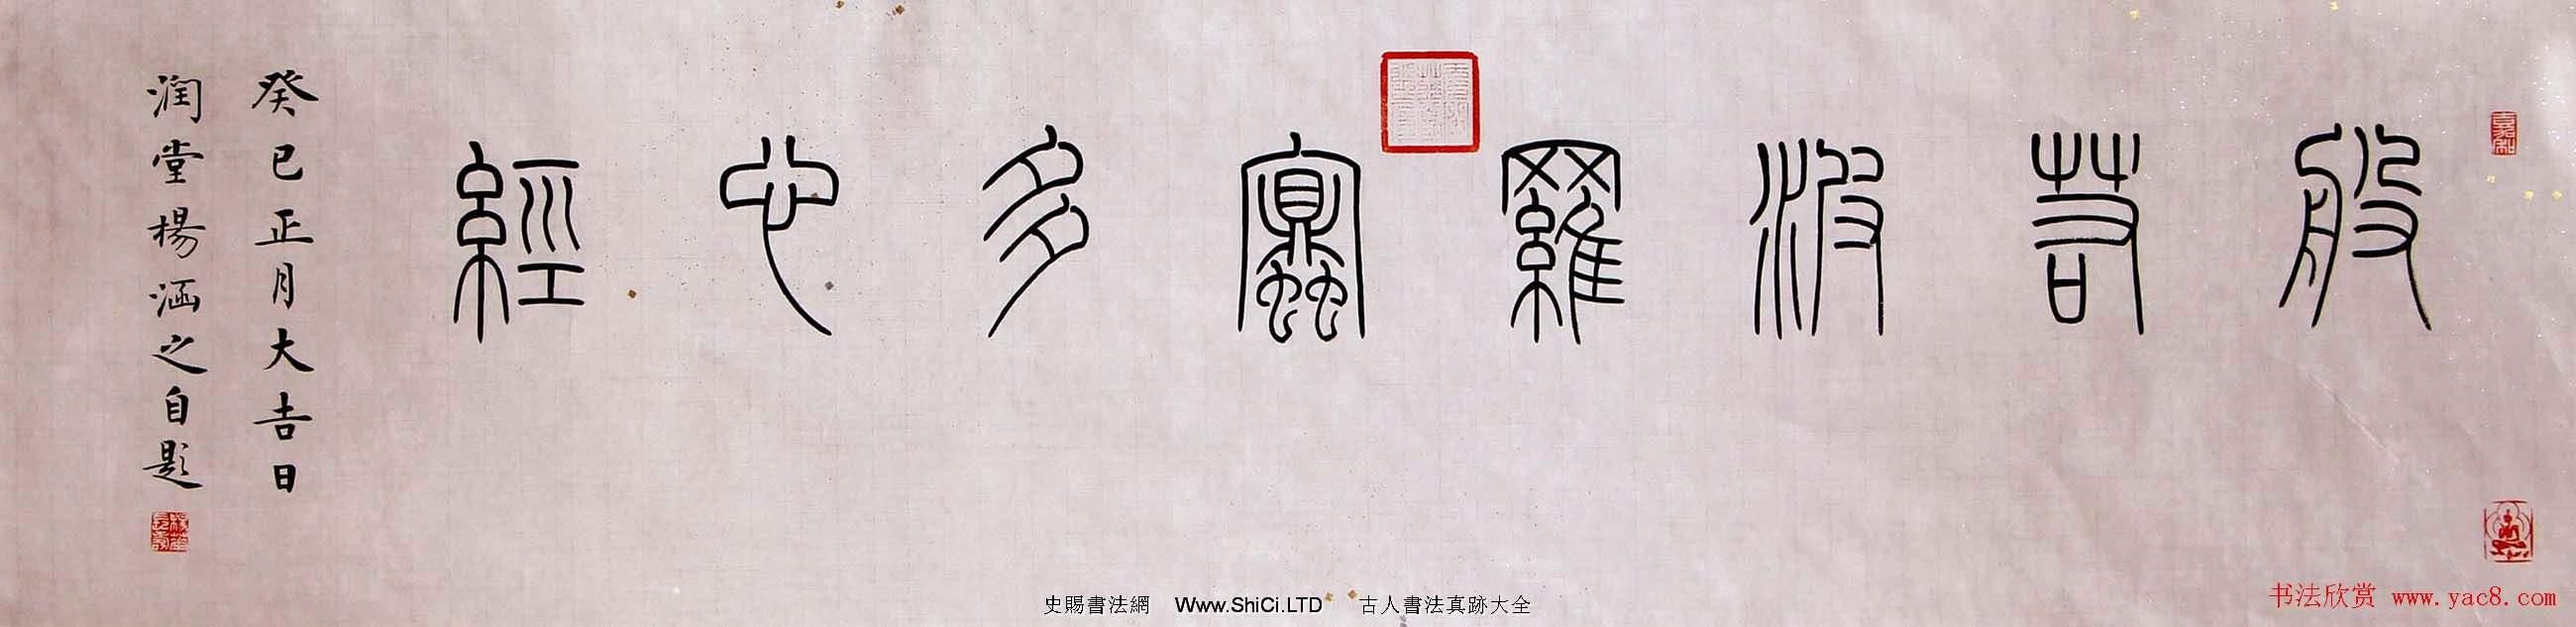 潤堂楷書真跡欣賞《般若波羅蜜多心經》三種(共6張圖片)